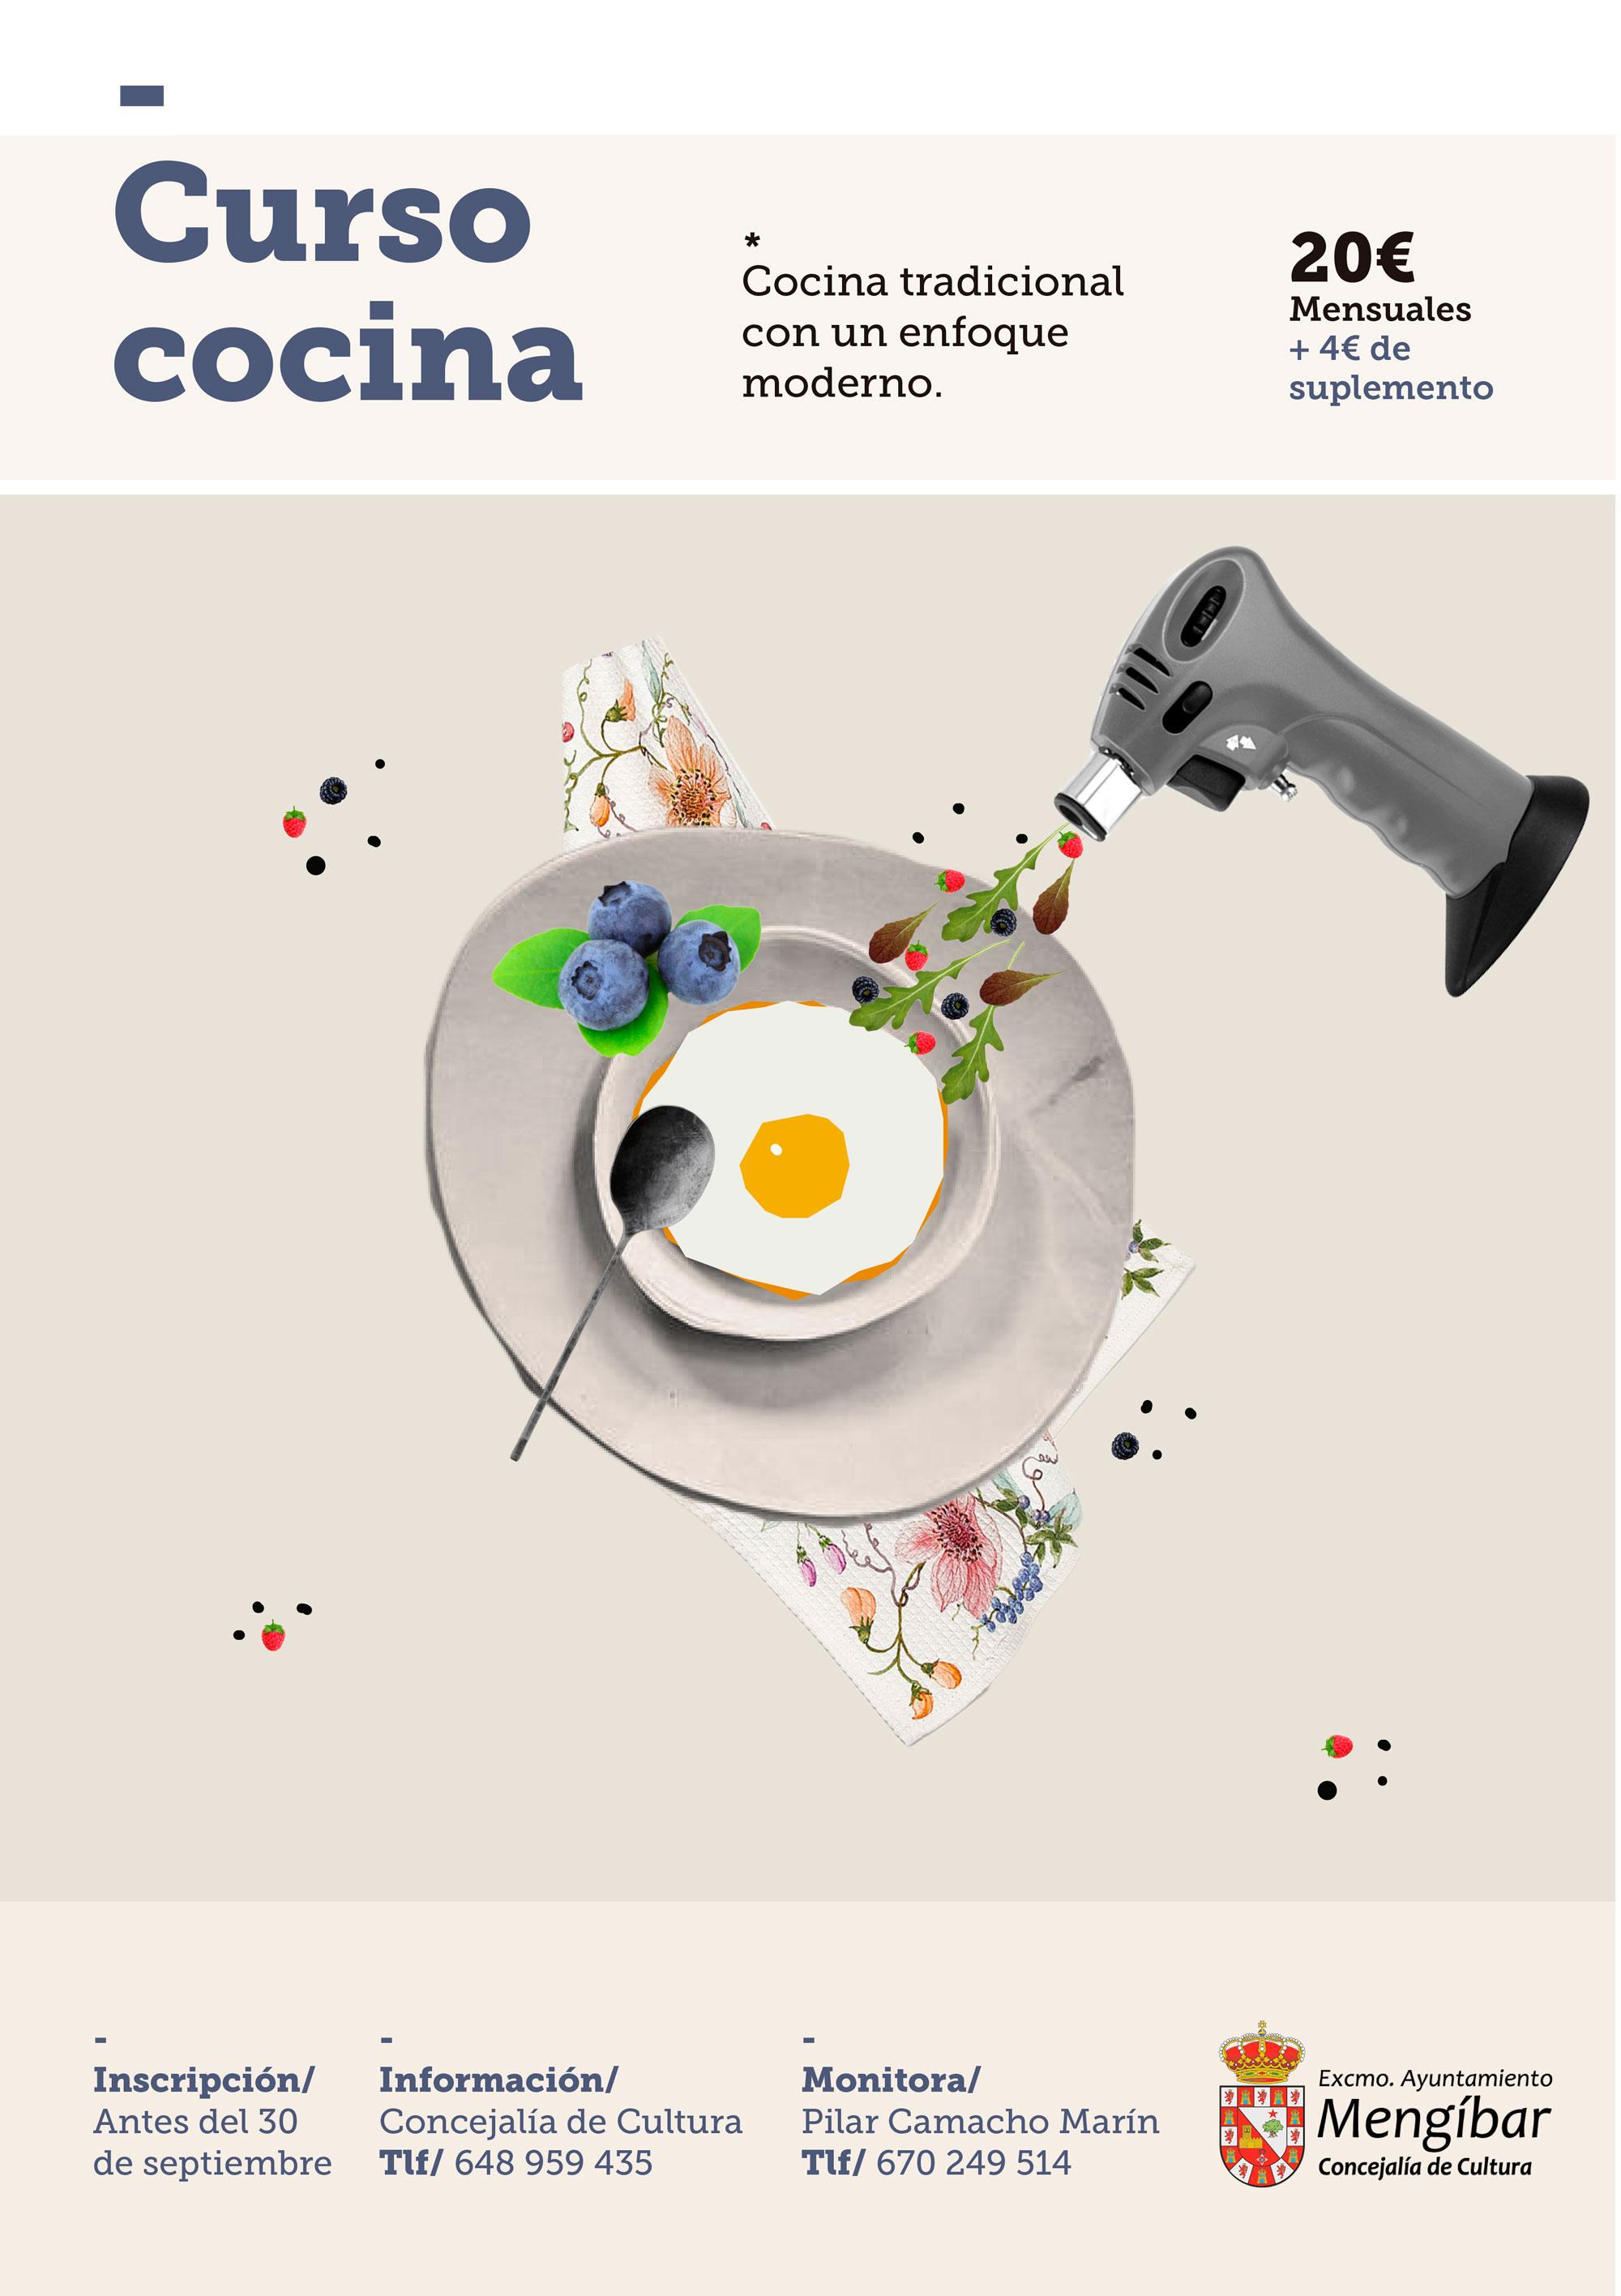 Taller municipal de cocina para adultos en meng bar for Curso cocina getafe